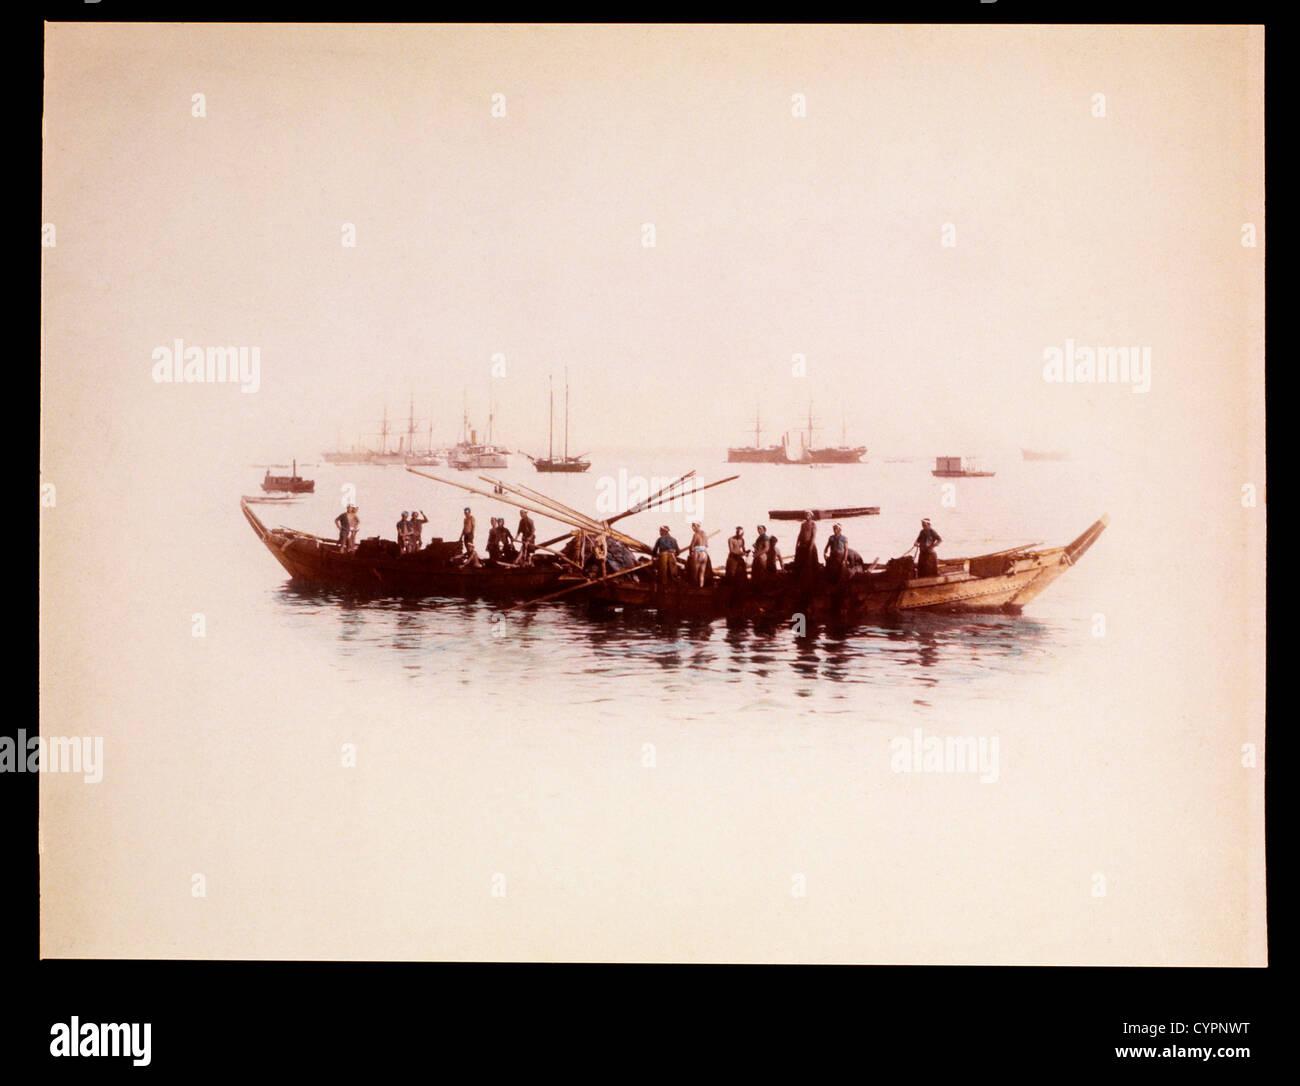 Boat of Fishermen in Harbor, Japan, Circa 1880's - Stock Image